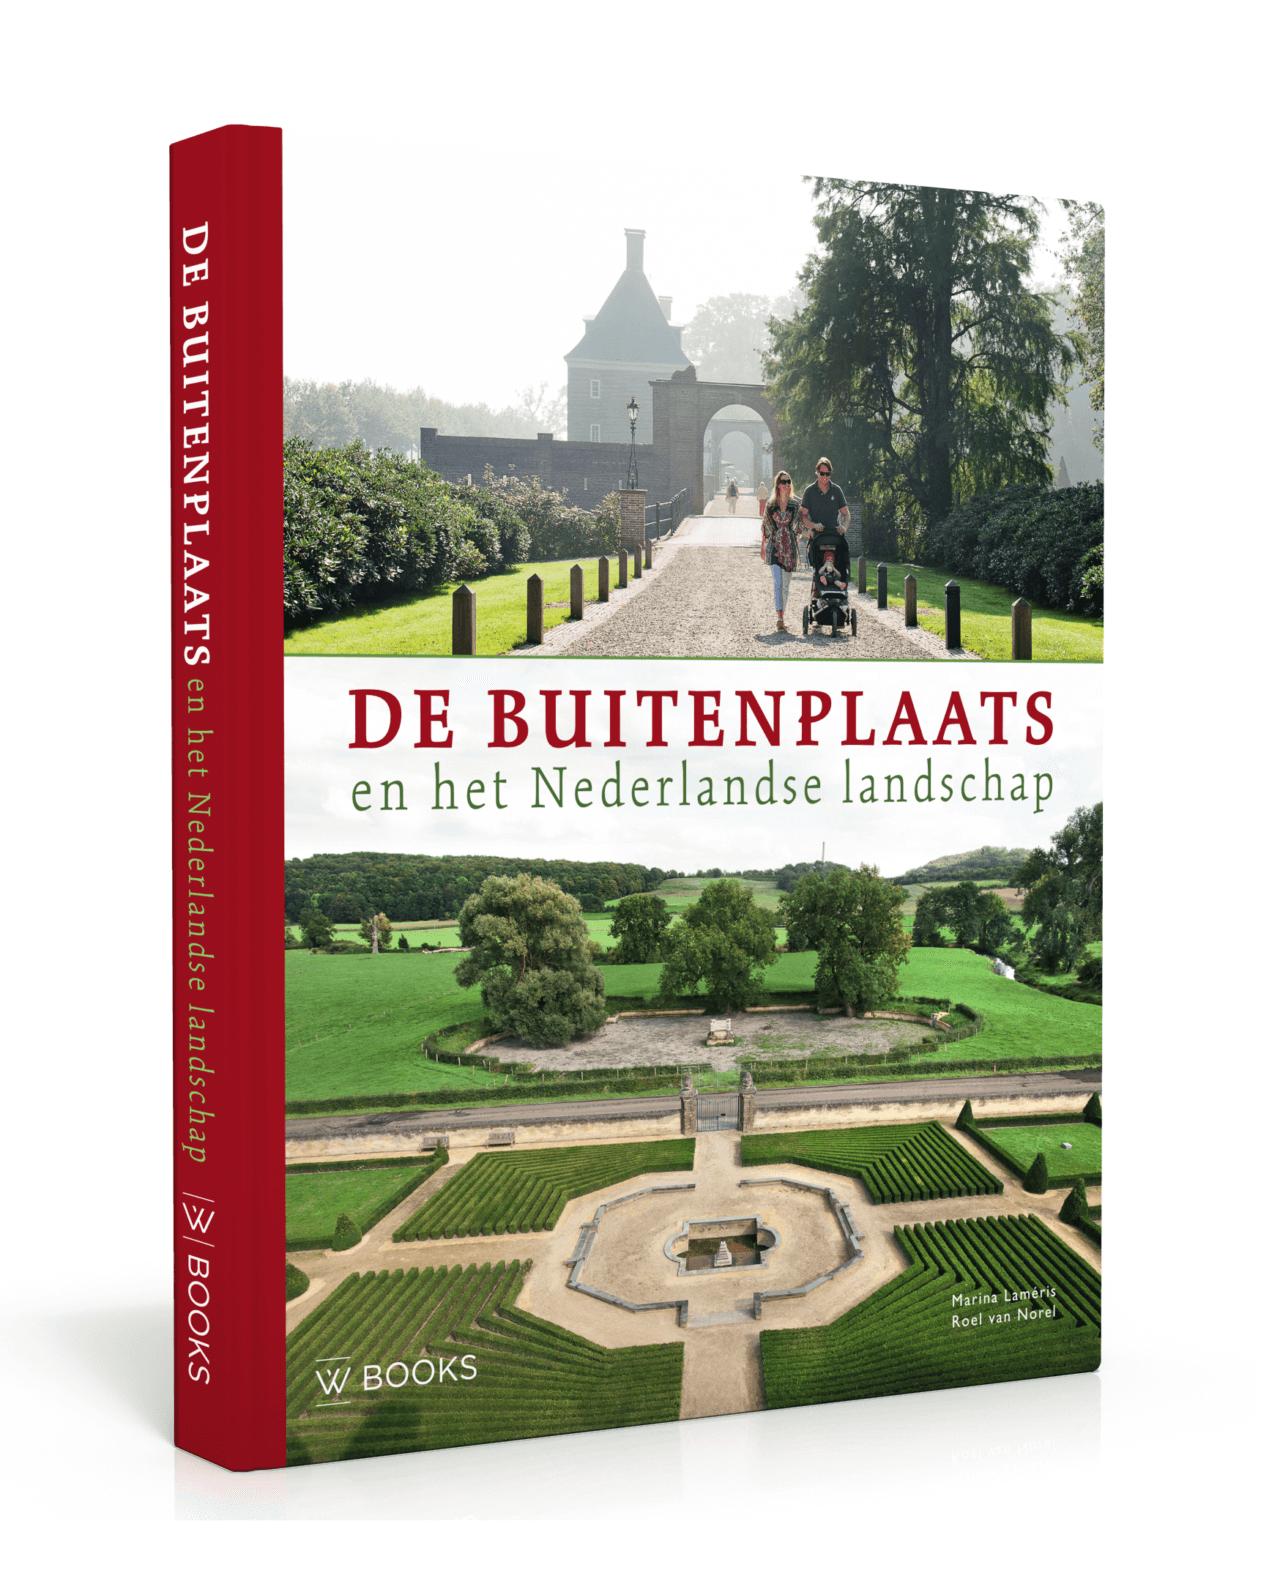 De buitenplaats en het Nederlandse landschap   2de druk-894